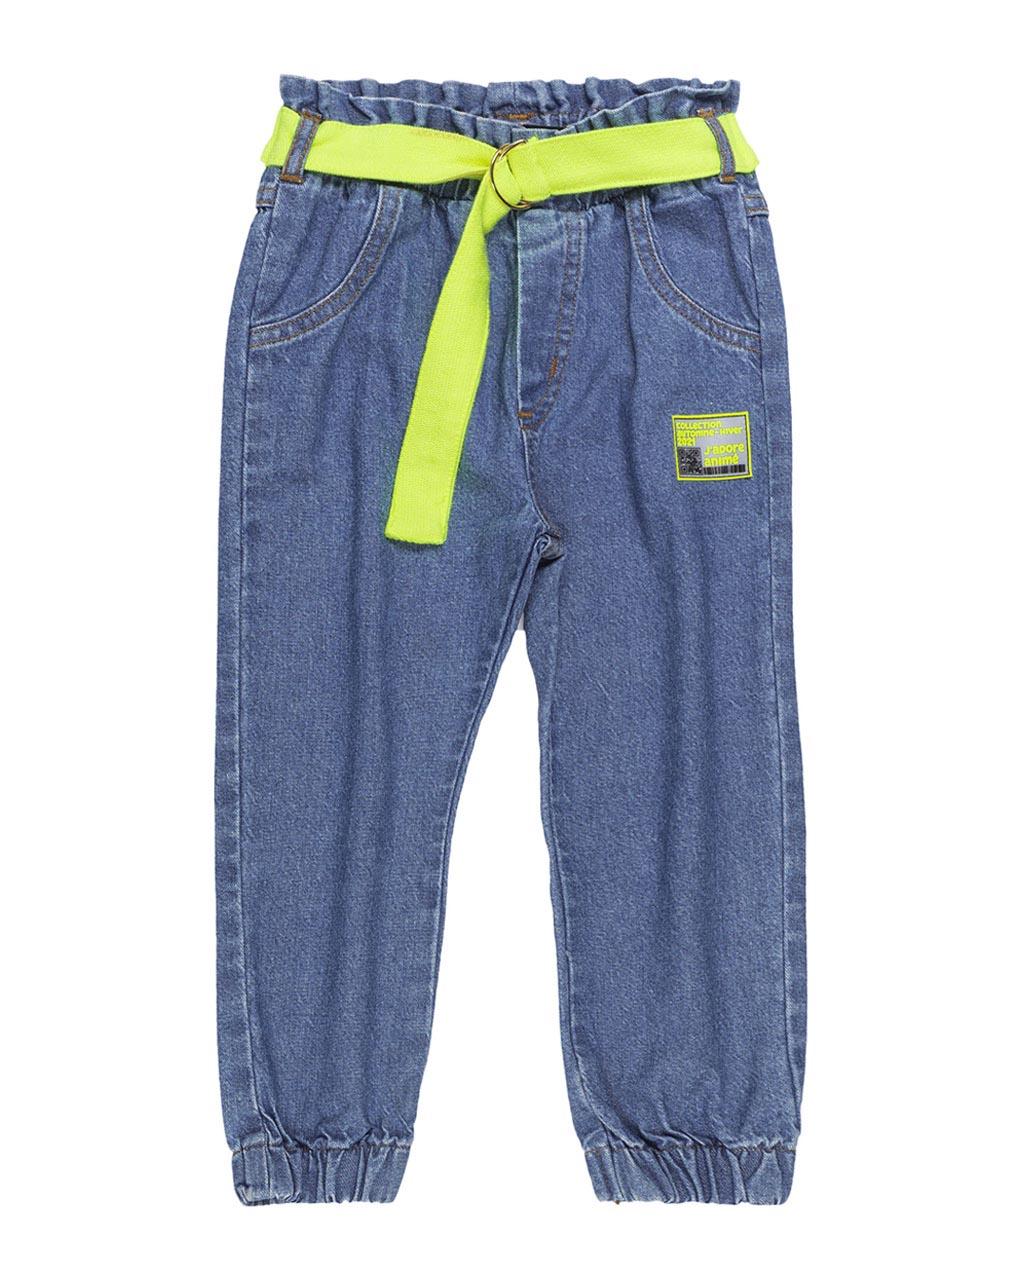 Calça Infantil Jeans com Cinto Amarelo Neon Animê